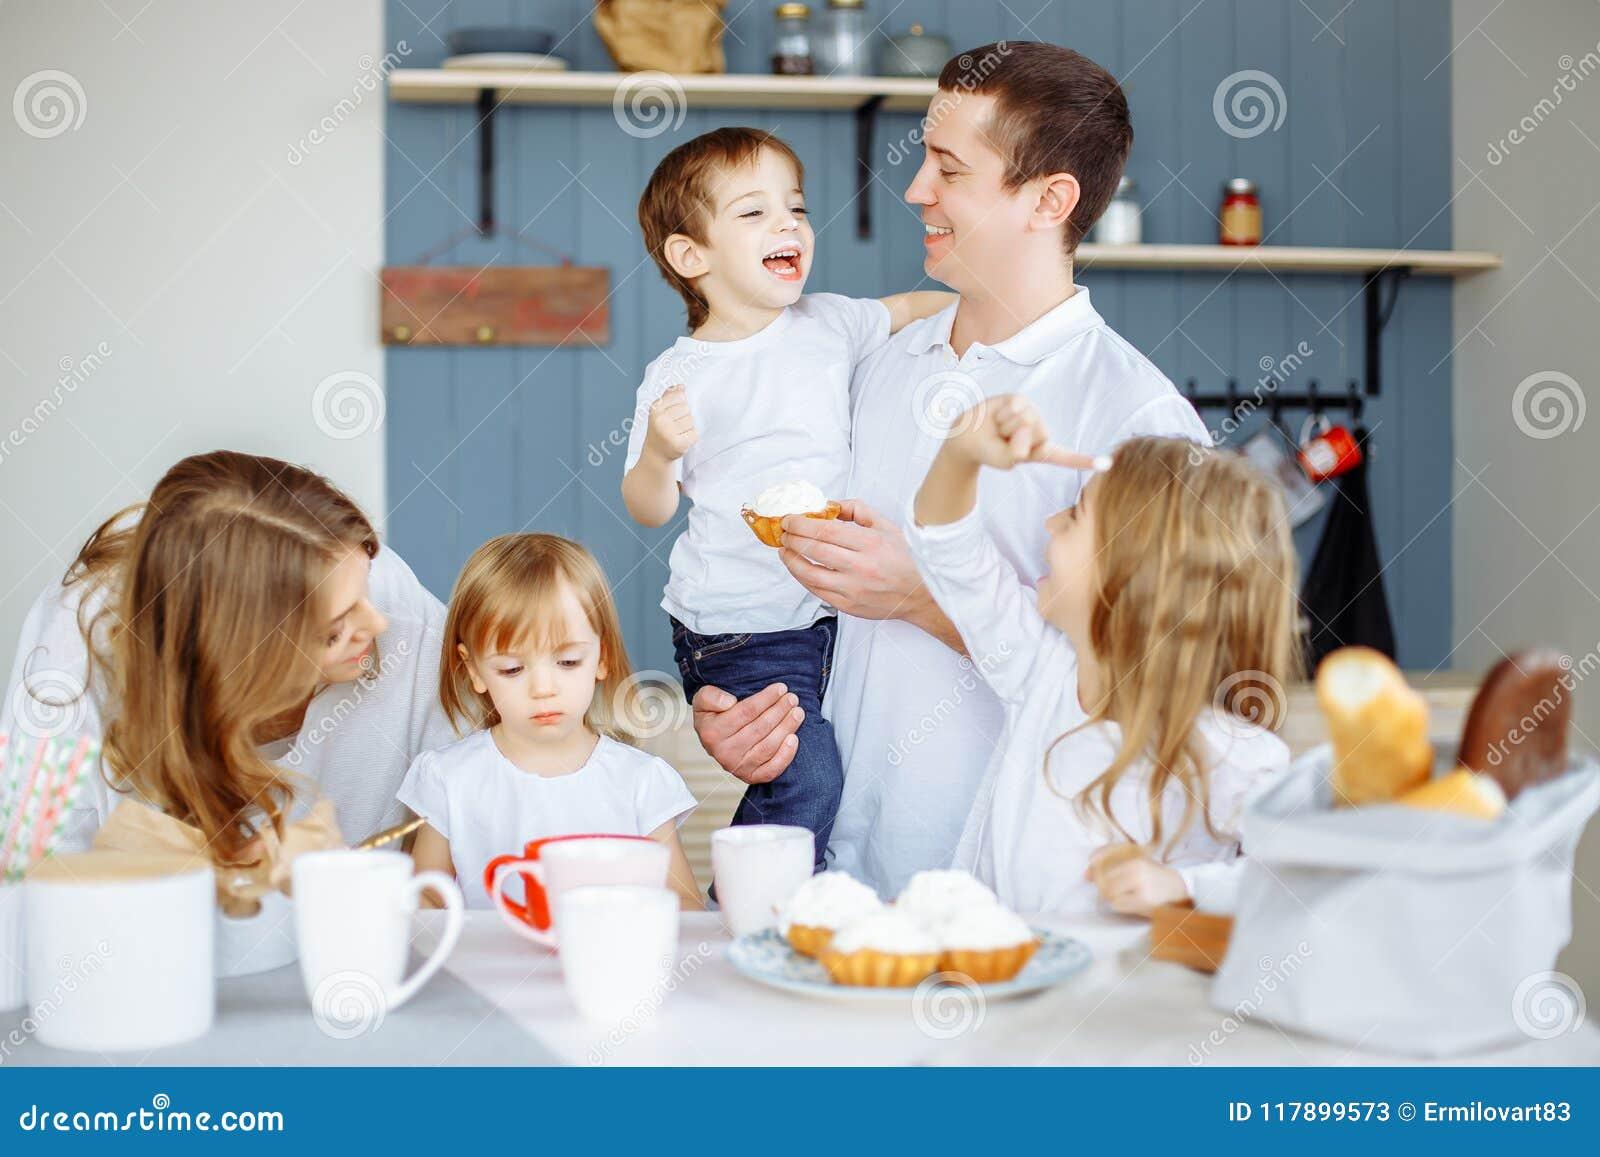 吃早餐的家庭在他们的房子厨房里